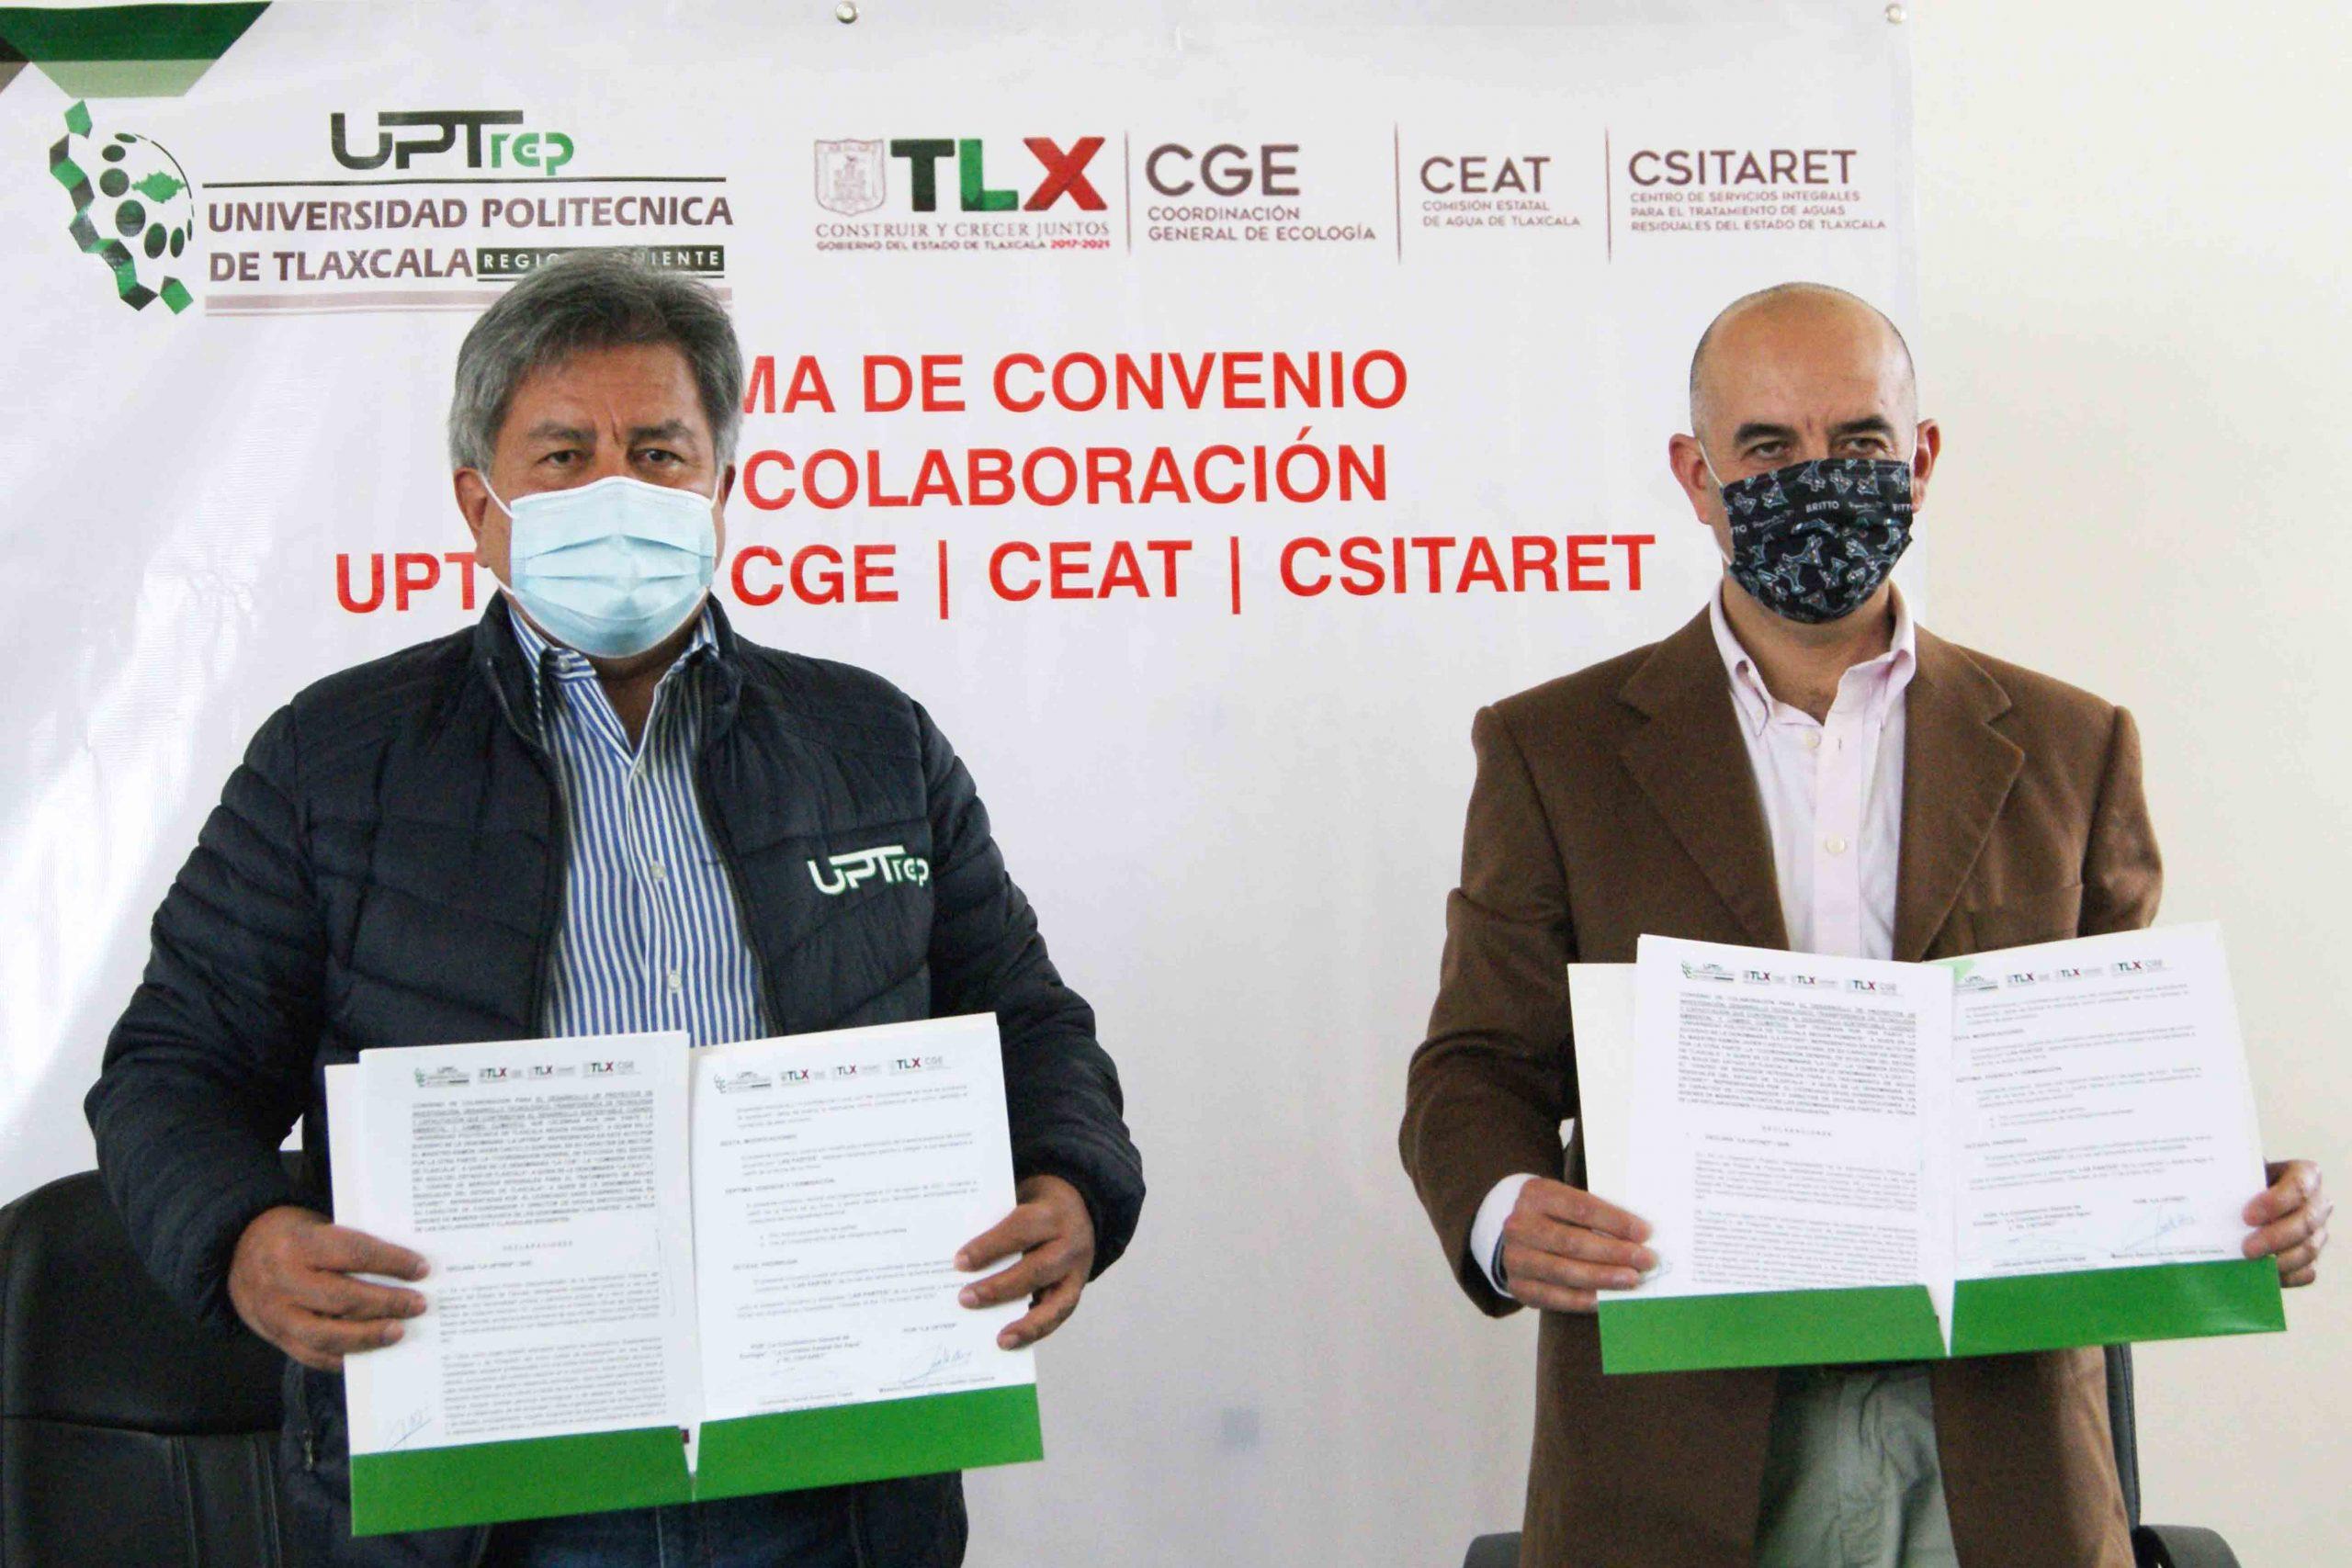 Signan CGE y UPTREP convenio de colaboración para desarrollar proyectos conjuntos.